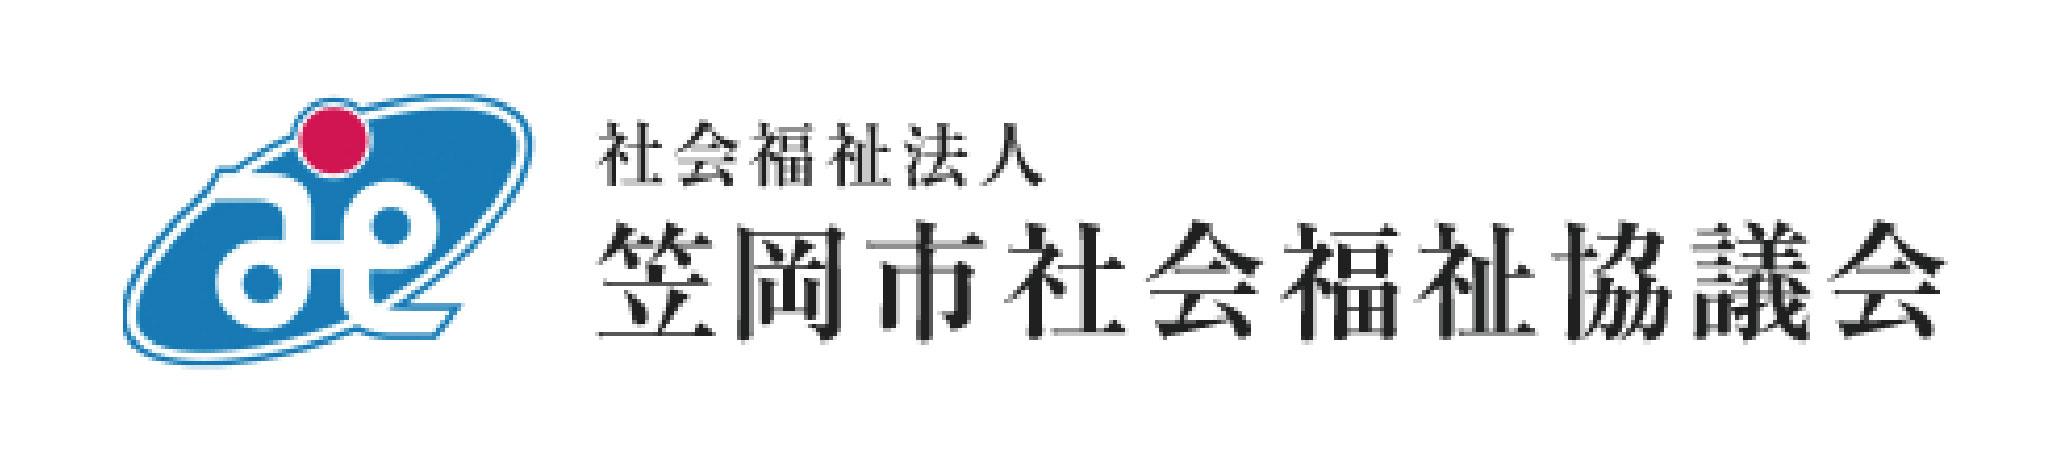 笠岡市社会福祉協議会白石島支部